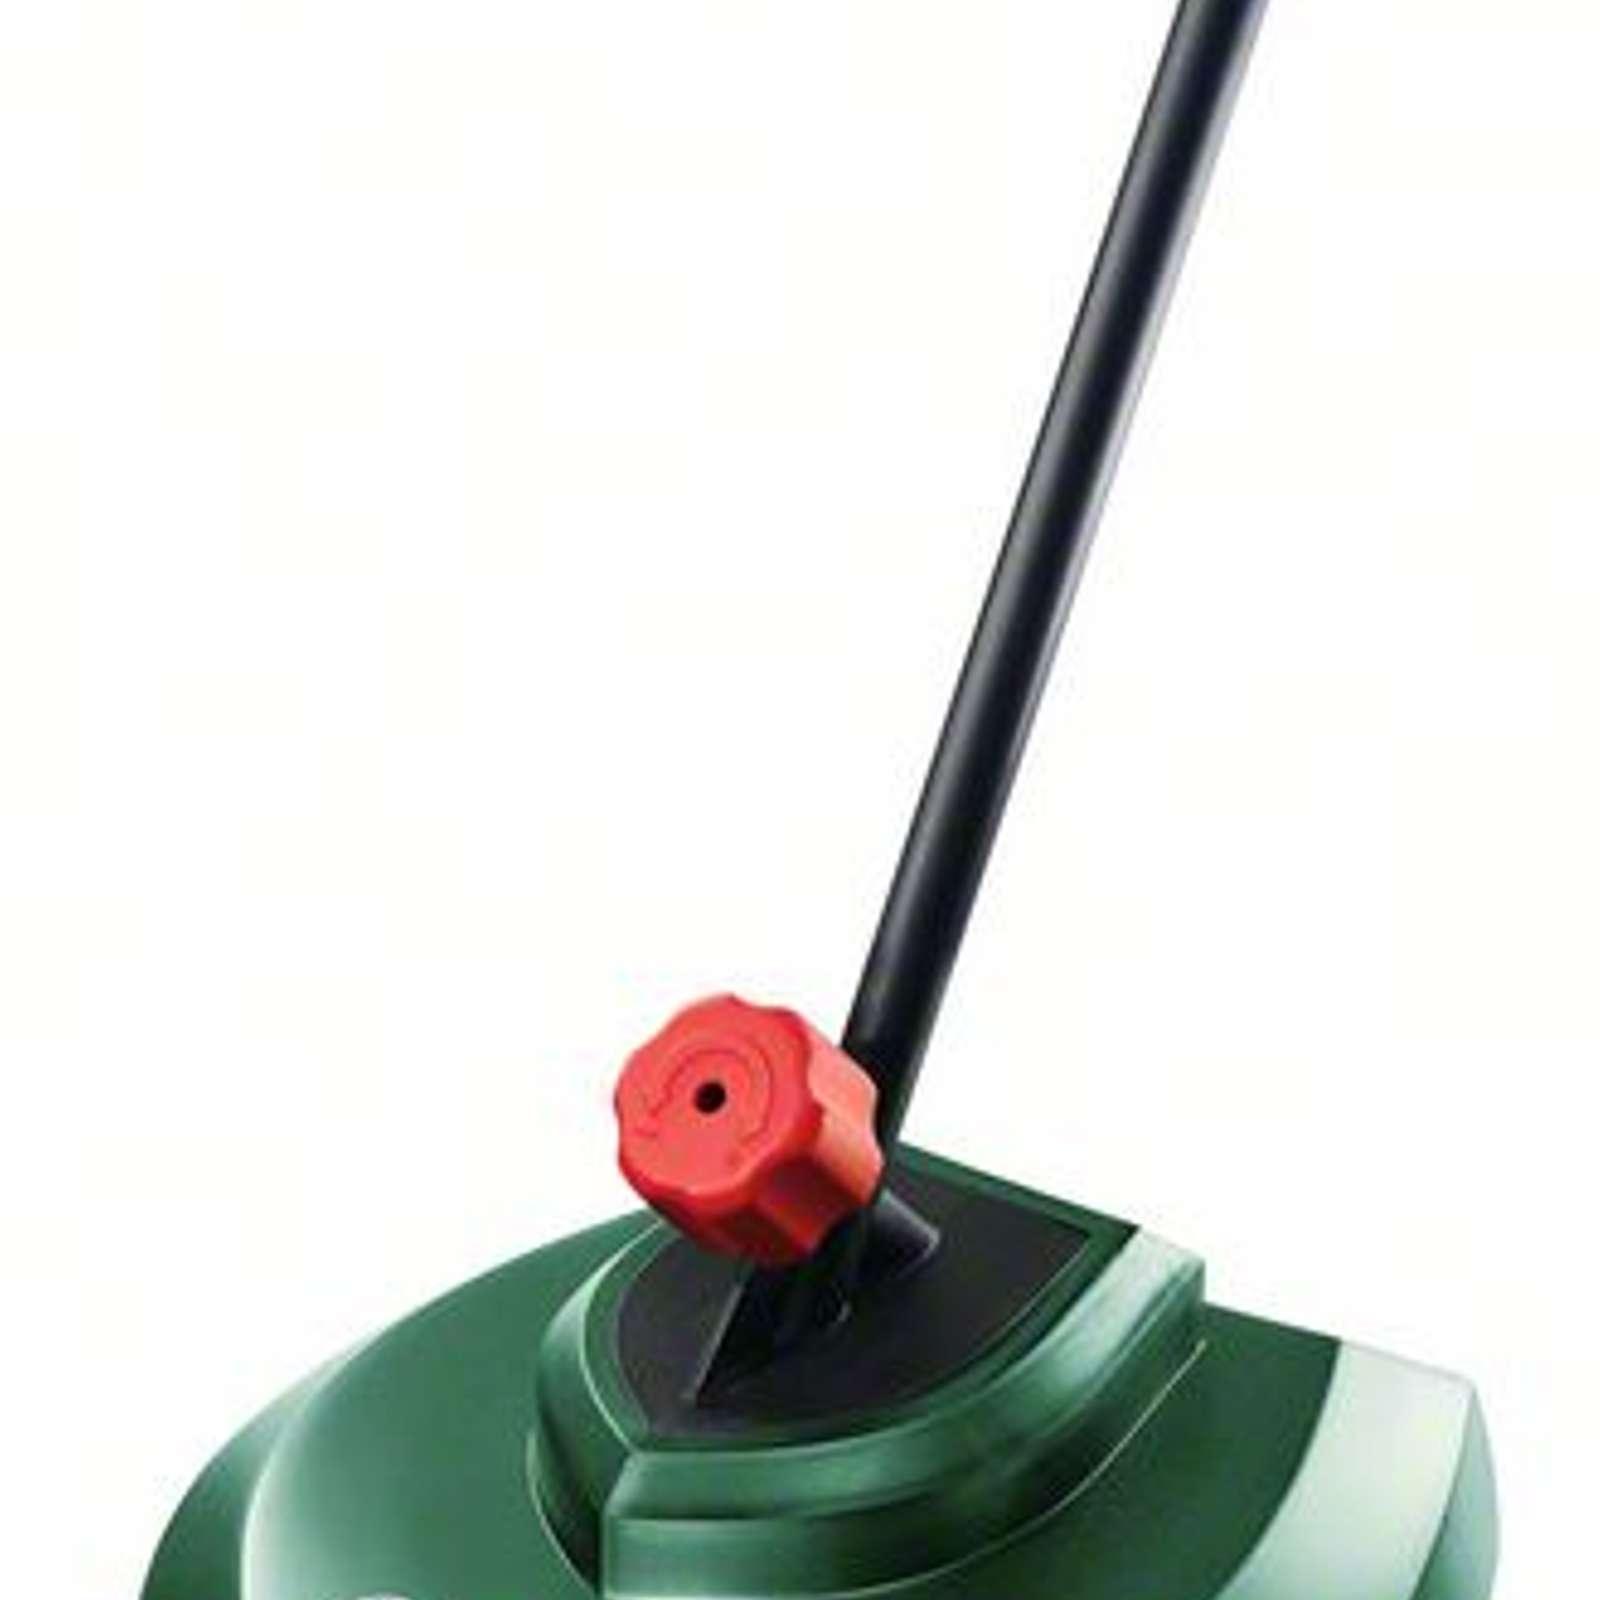 Системные принадлежности Очиститель террас Deluxe (длина трубки 40 см) – очиститель высокого давления AQT